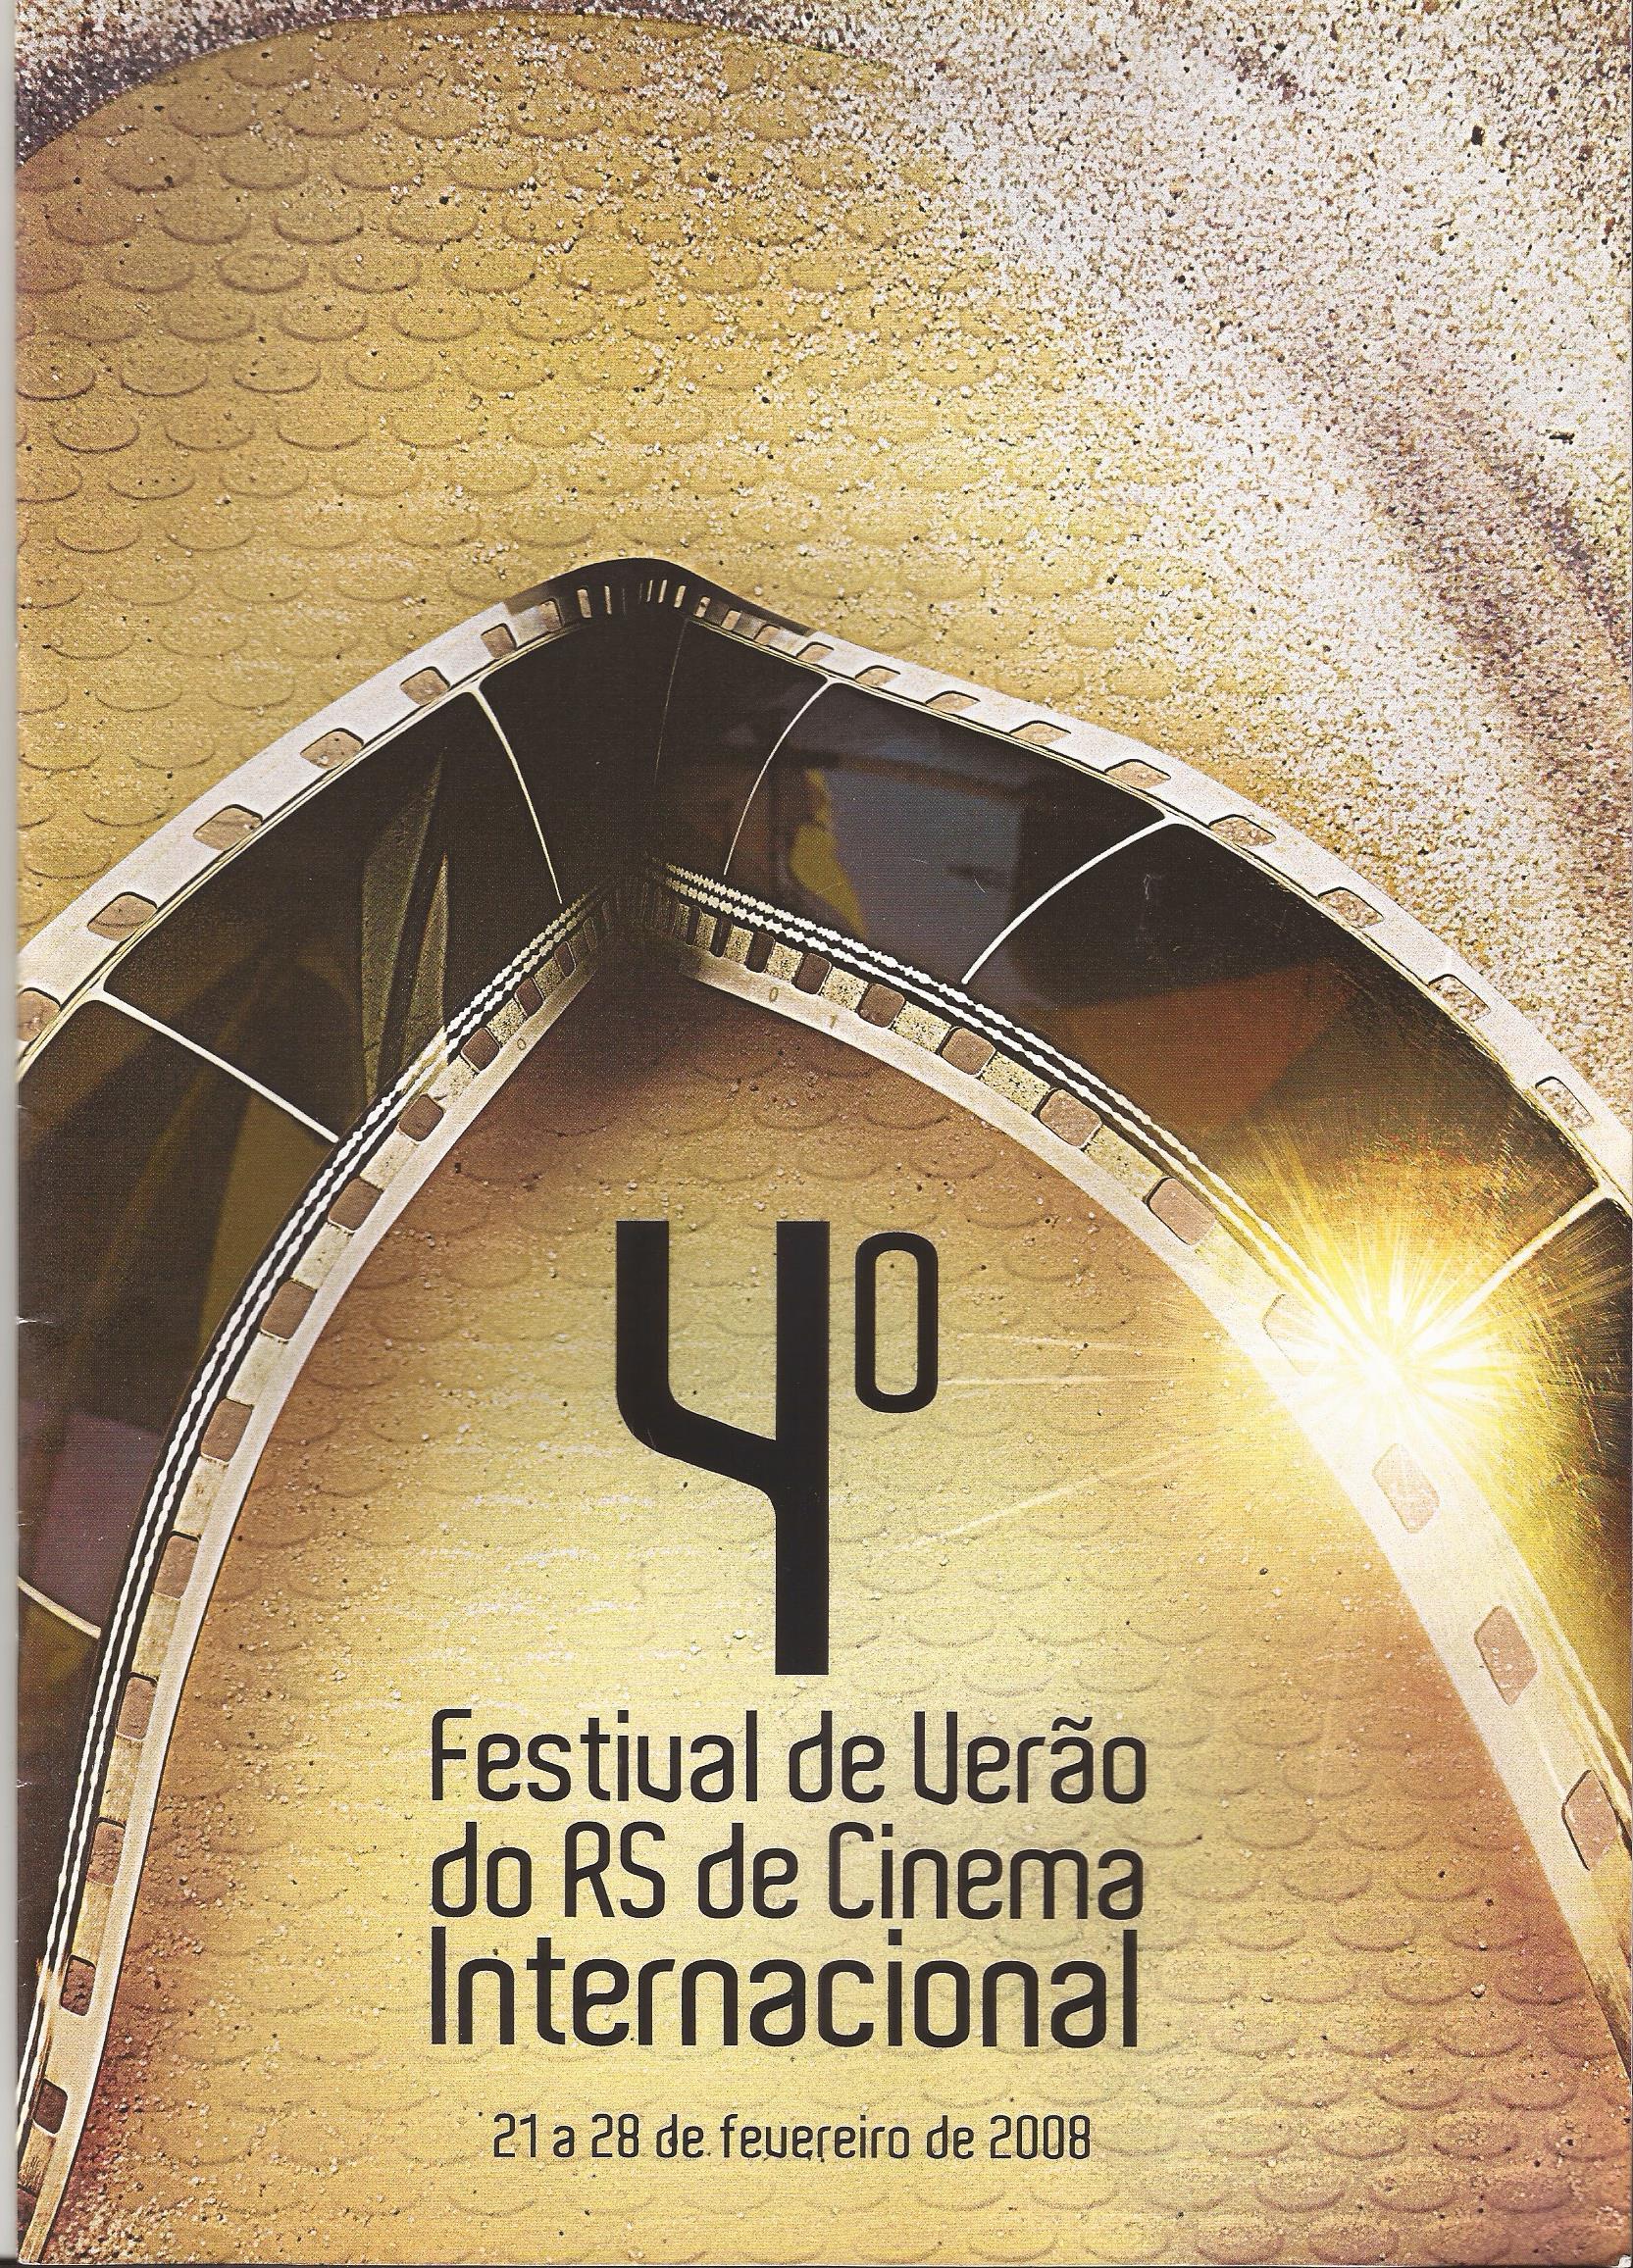 [cultural] Festival de Verão de Cine